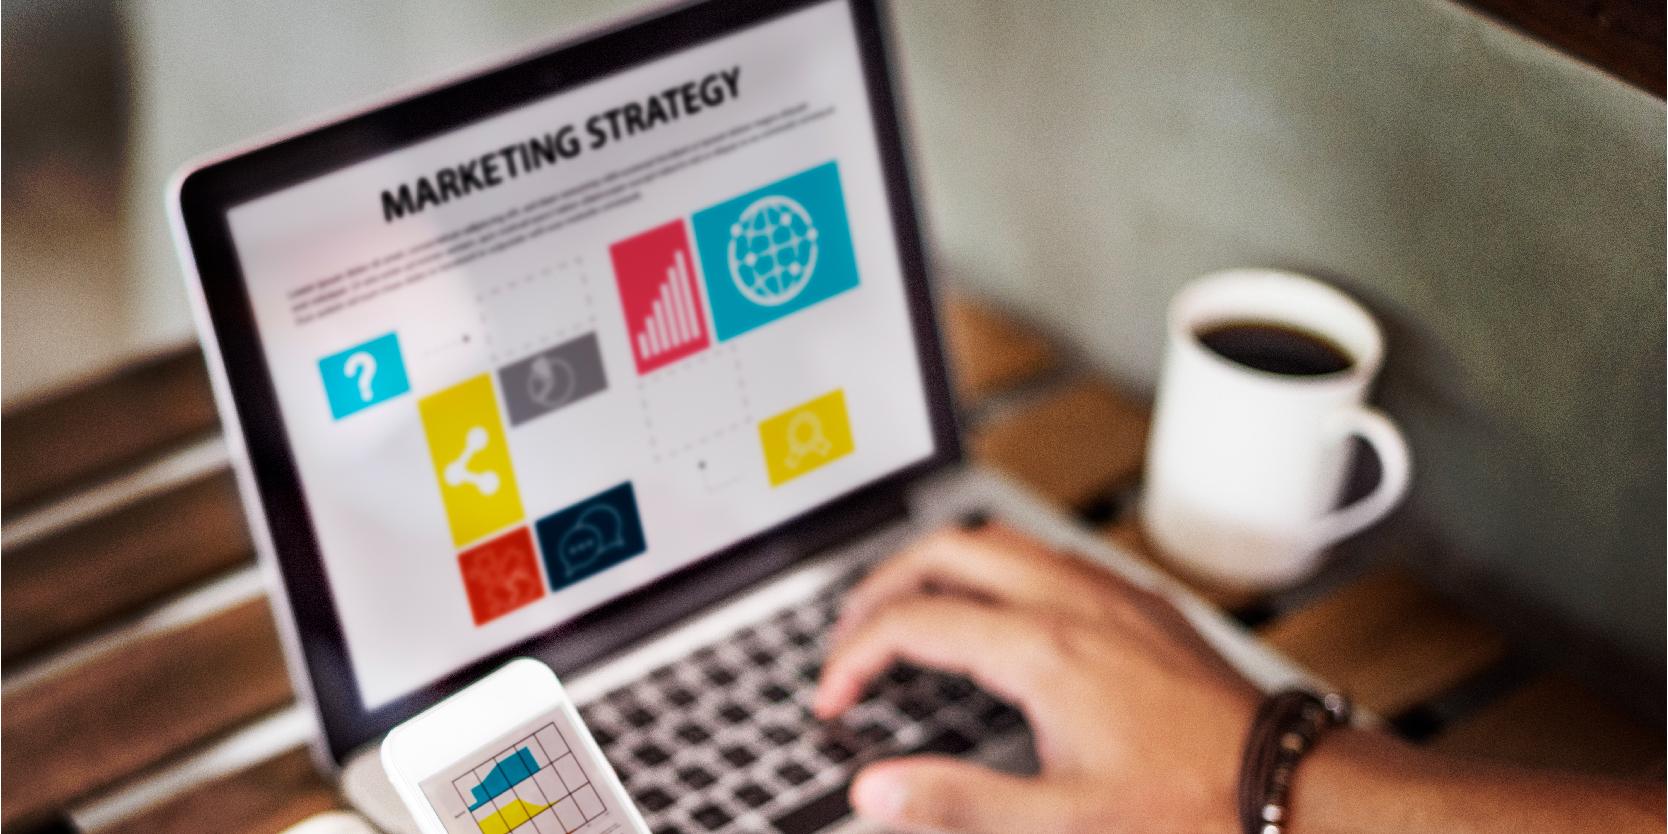 Kako da se istaknete na zasićenom tržištu - 6 saveta za startupe